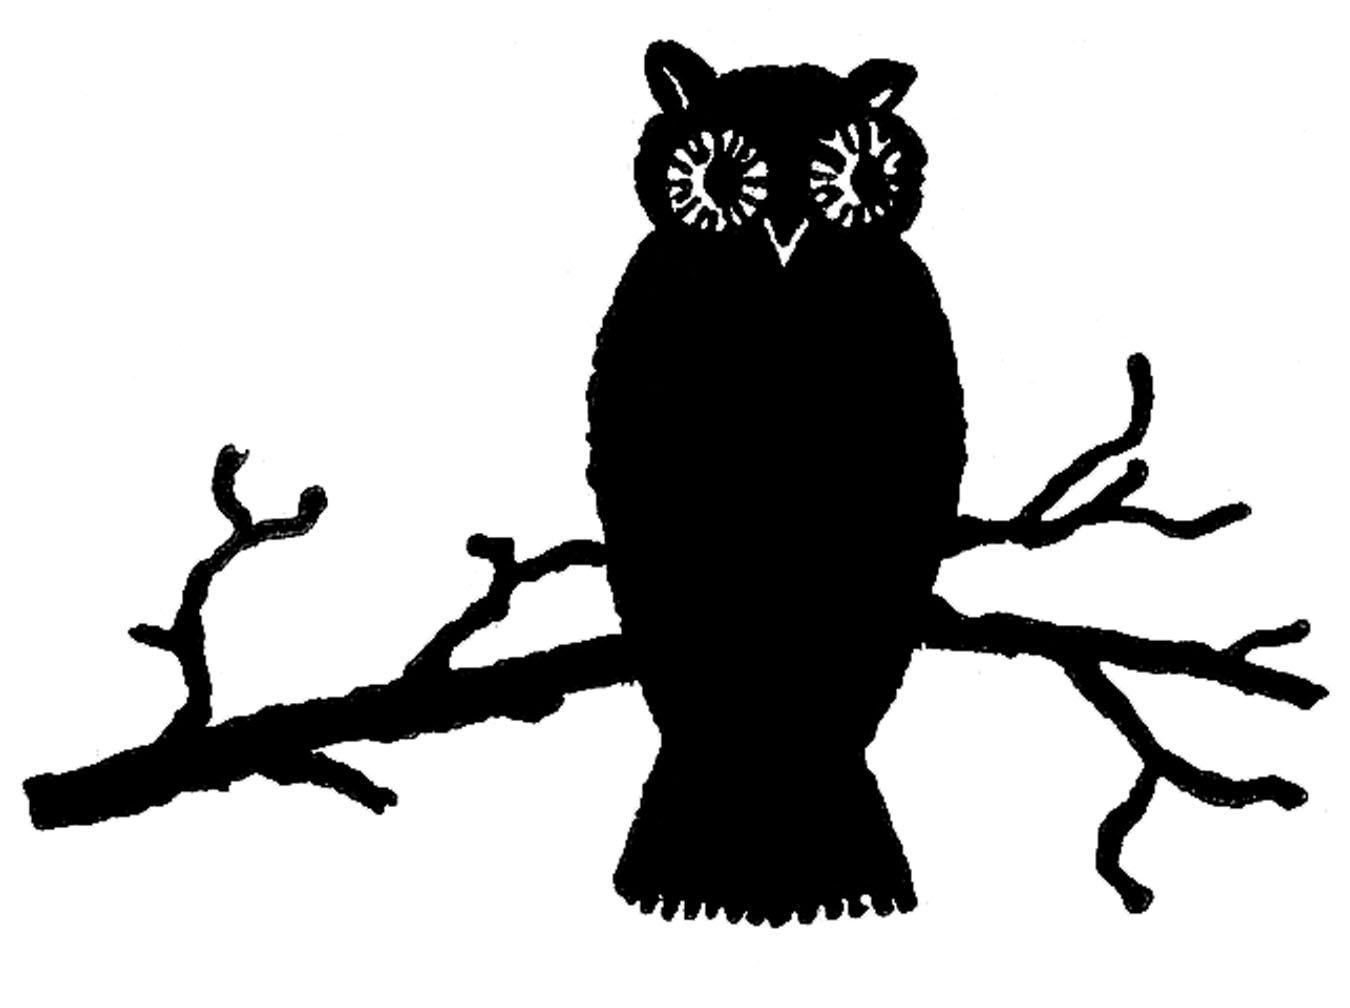 Vintage Halloween Clip Art Cute Owl Silh-Vintage Halloween Clip Art Cute Owl Silhouette The Graphics Fairy-12